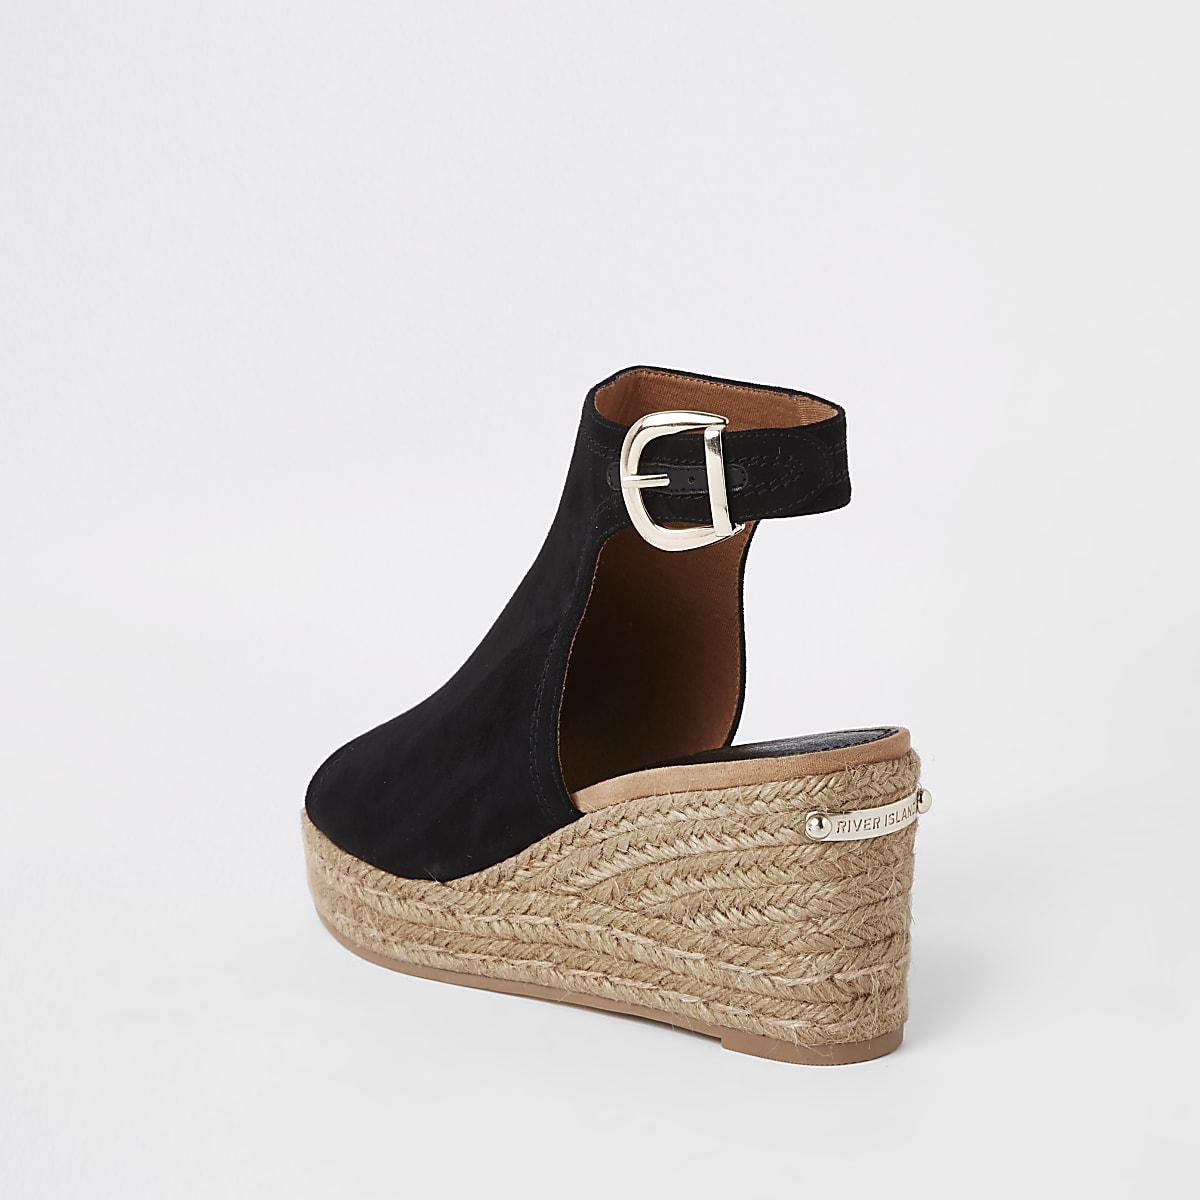 ff7d3cc2a2c Black espadrille platform wedges - Sandals - Shoes   Boots - women